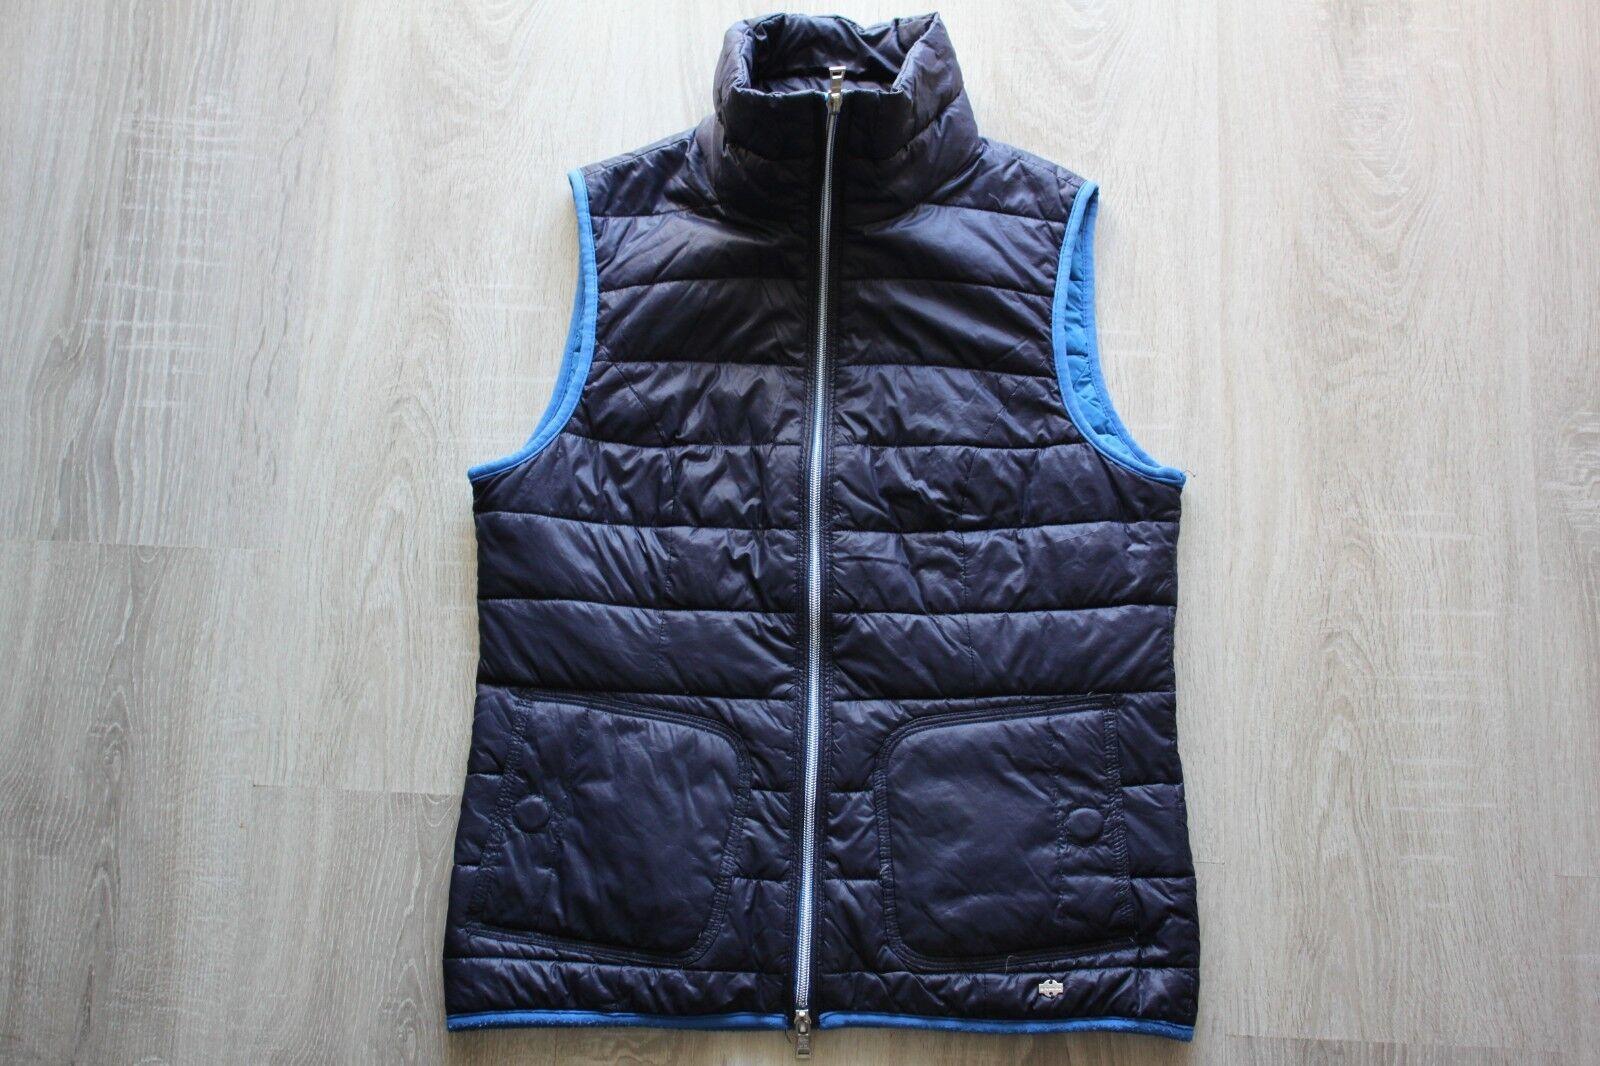 Street One One One Damen Jungen Mädchen Daunen blau Weste 34 36 XS S wie neu | Qualität  | Ich kann es nicht ablegen  | Online-verkauf  7c4cb9